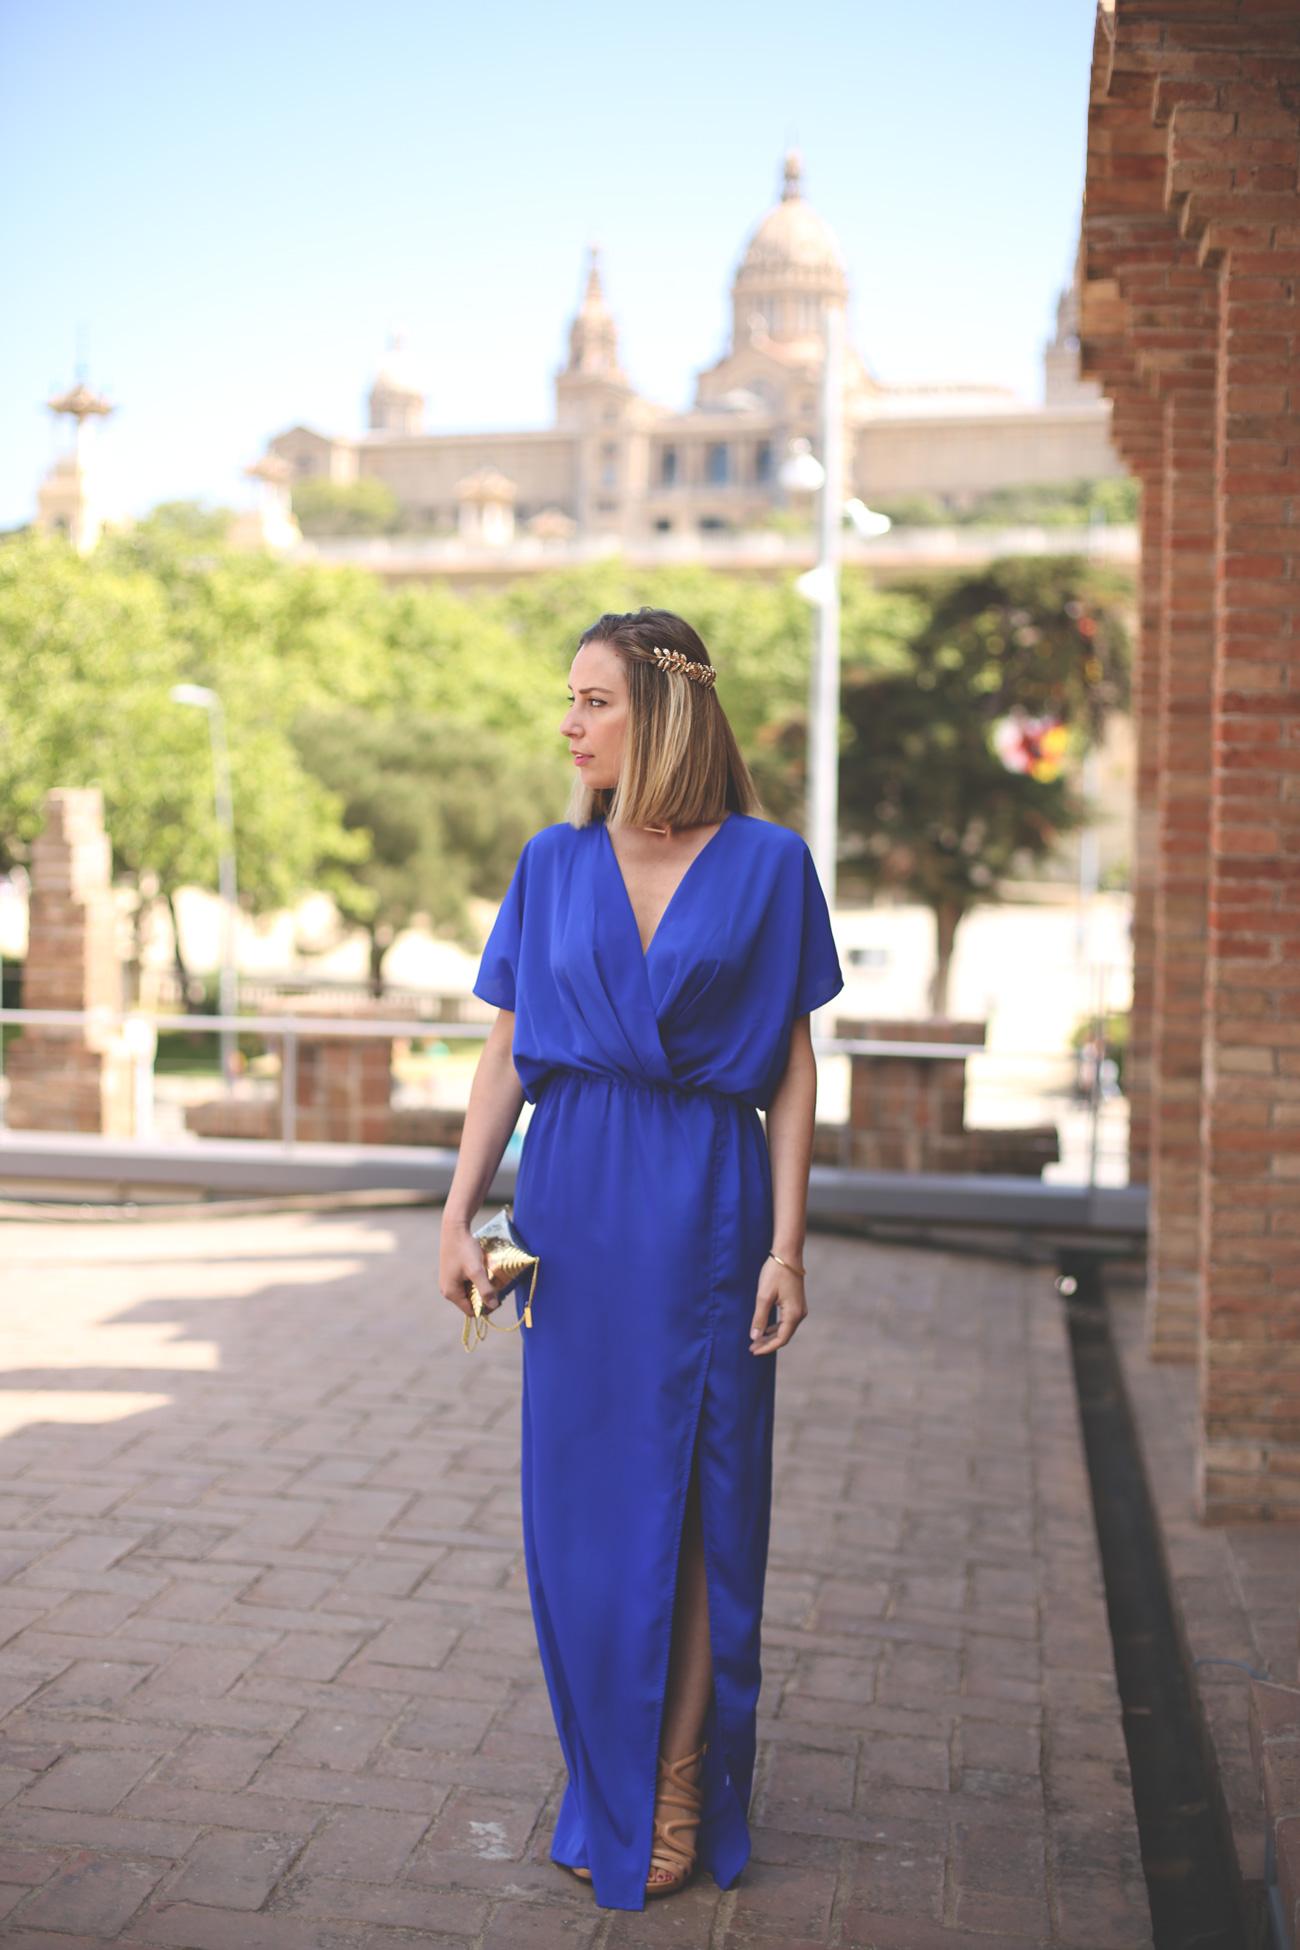 wedding look, vestido azul klein, swarovski, fashion blogger, blonde girl, vestido para ir a una boda, como ir a una boda, accesorios únicos, virgos lounge,